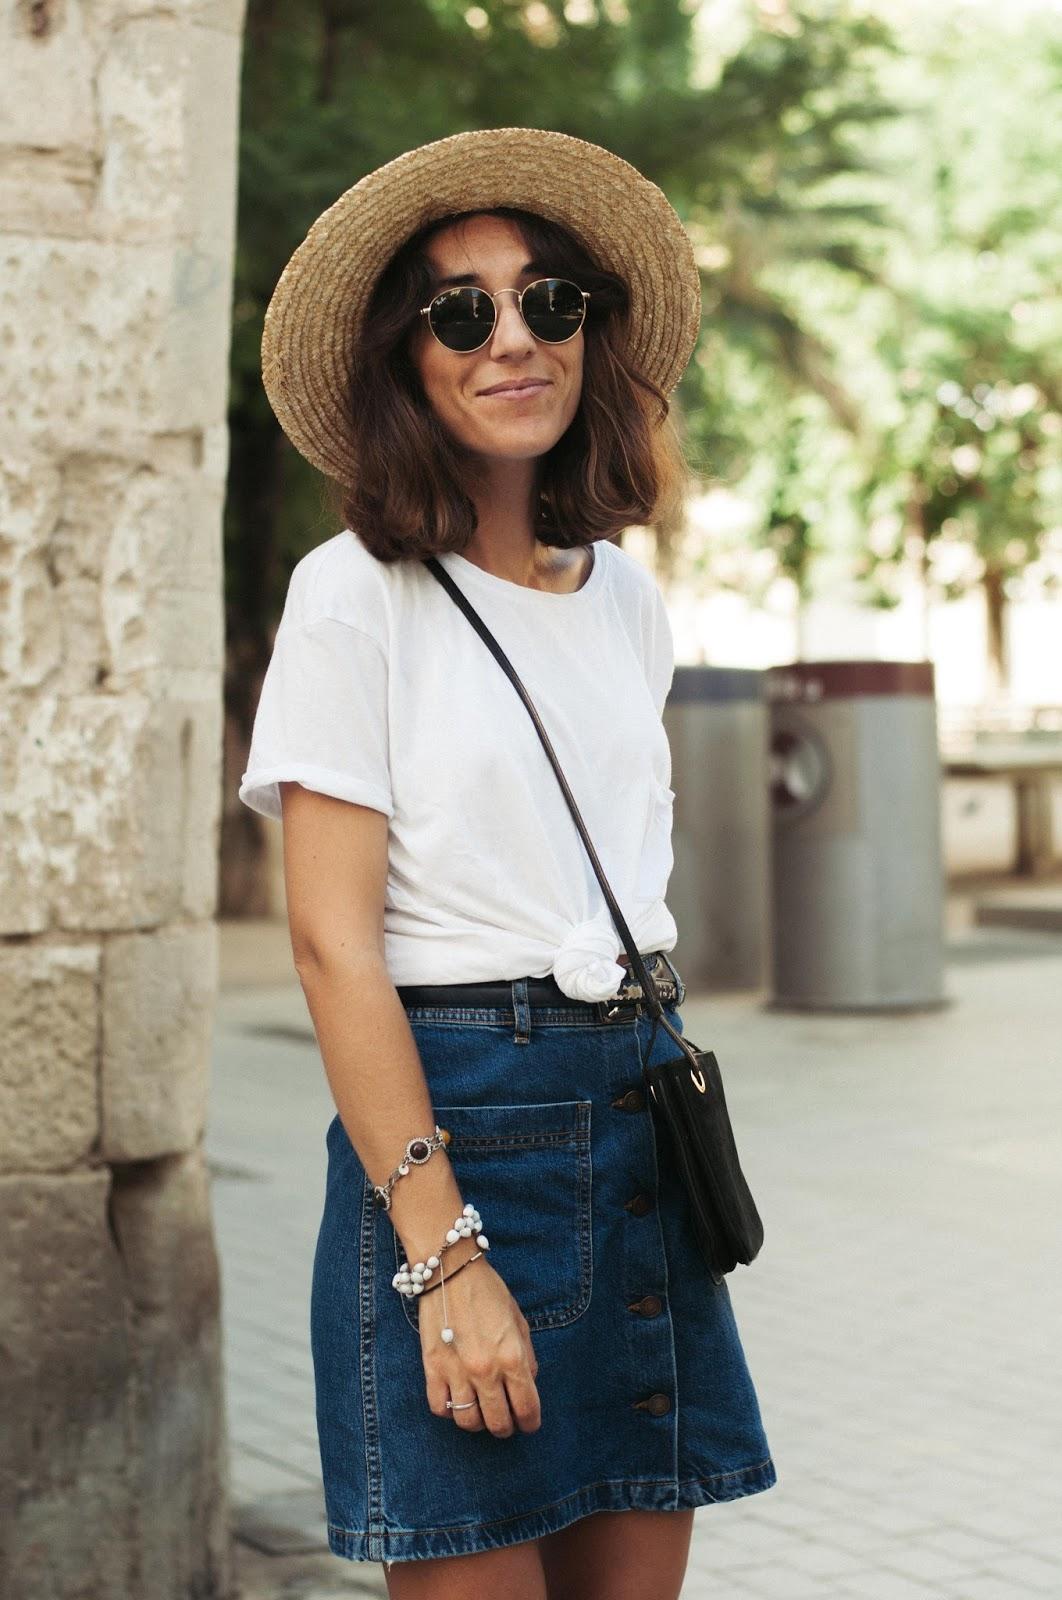 Camiseta Zapatillas Mango, falda Zara